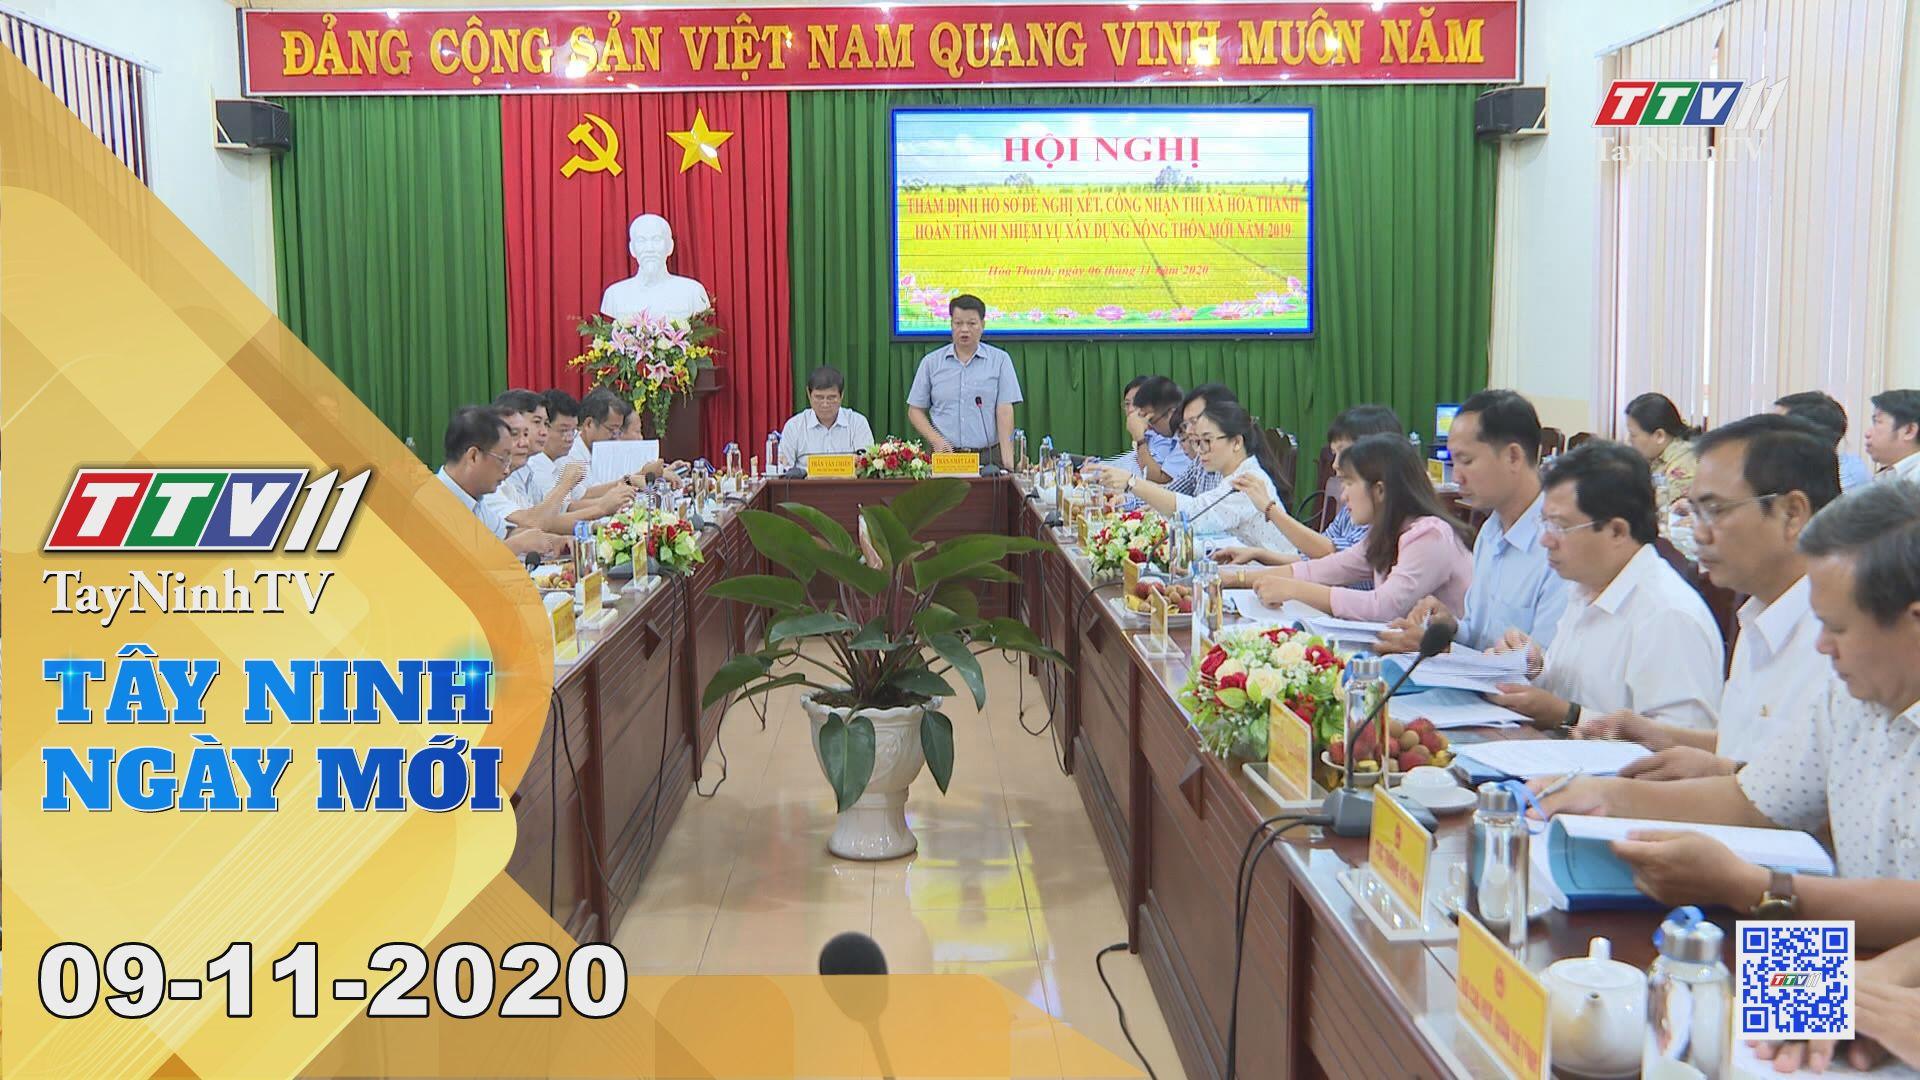 Tây Ninh Ngày Mới 09-11-2020 | Tin tức hôm nay | TayNinhTV